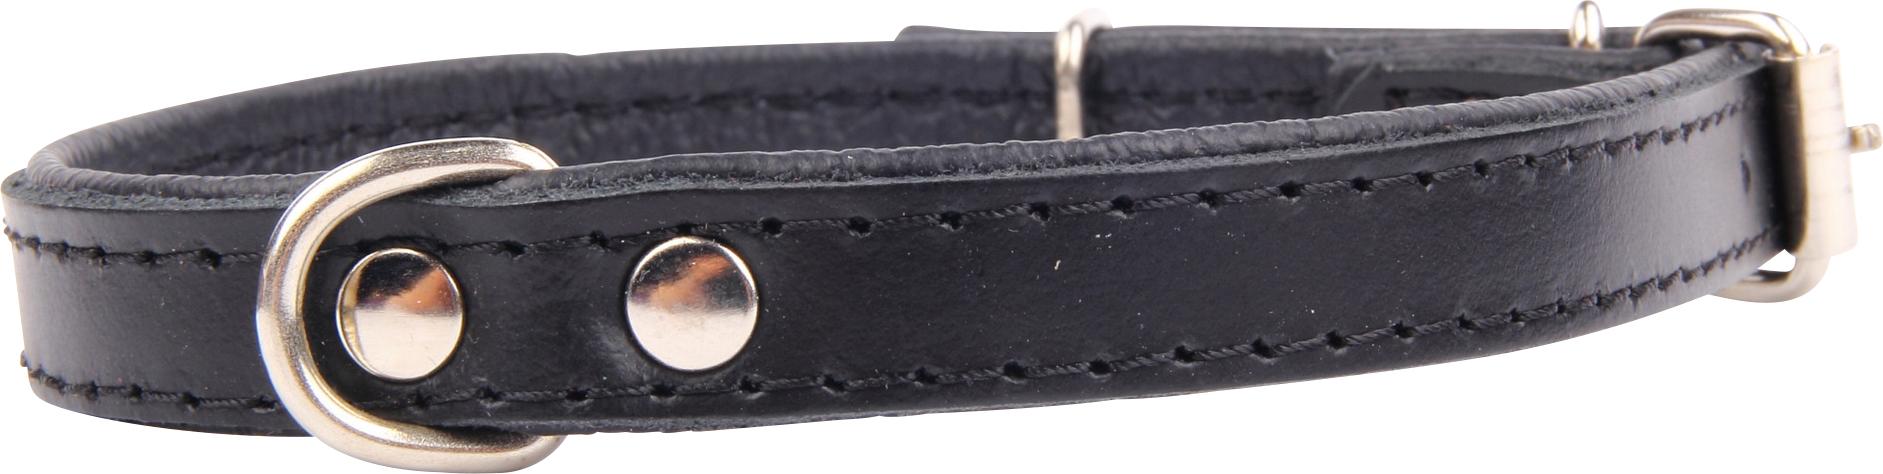 Läderhalsband, Svart 50 cm